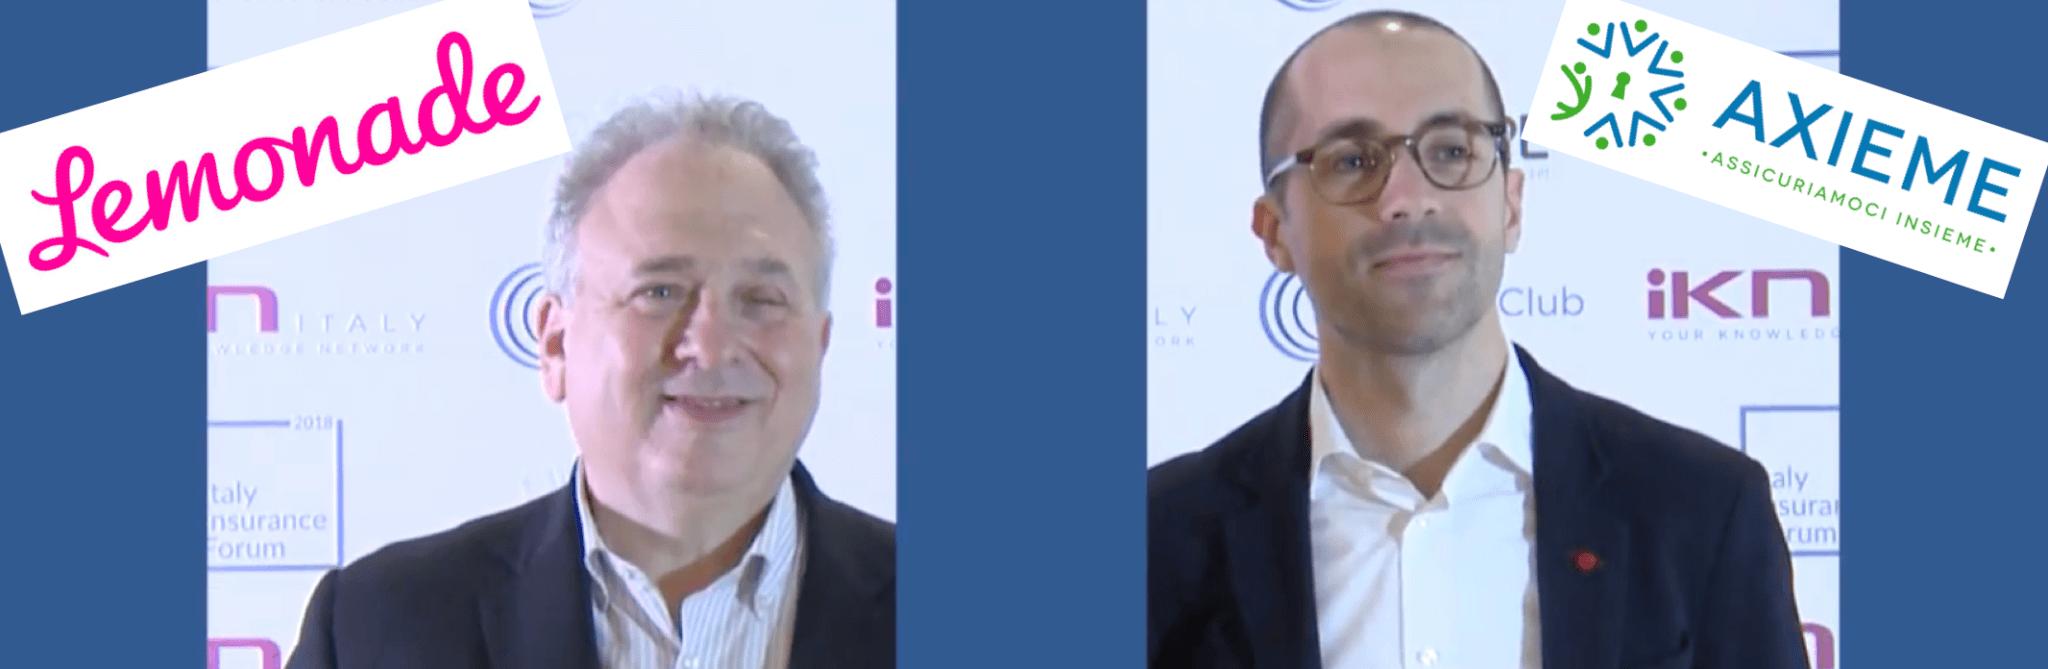 Insurtech: intervista doppia tra Lemonade e Axieme, le startup della social insurance